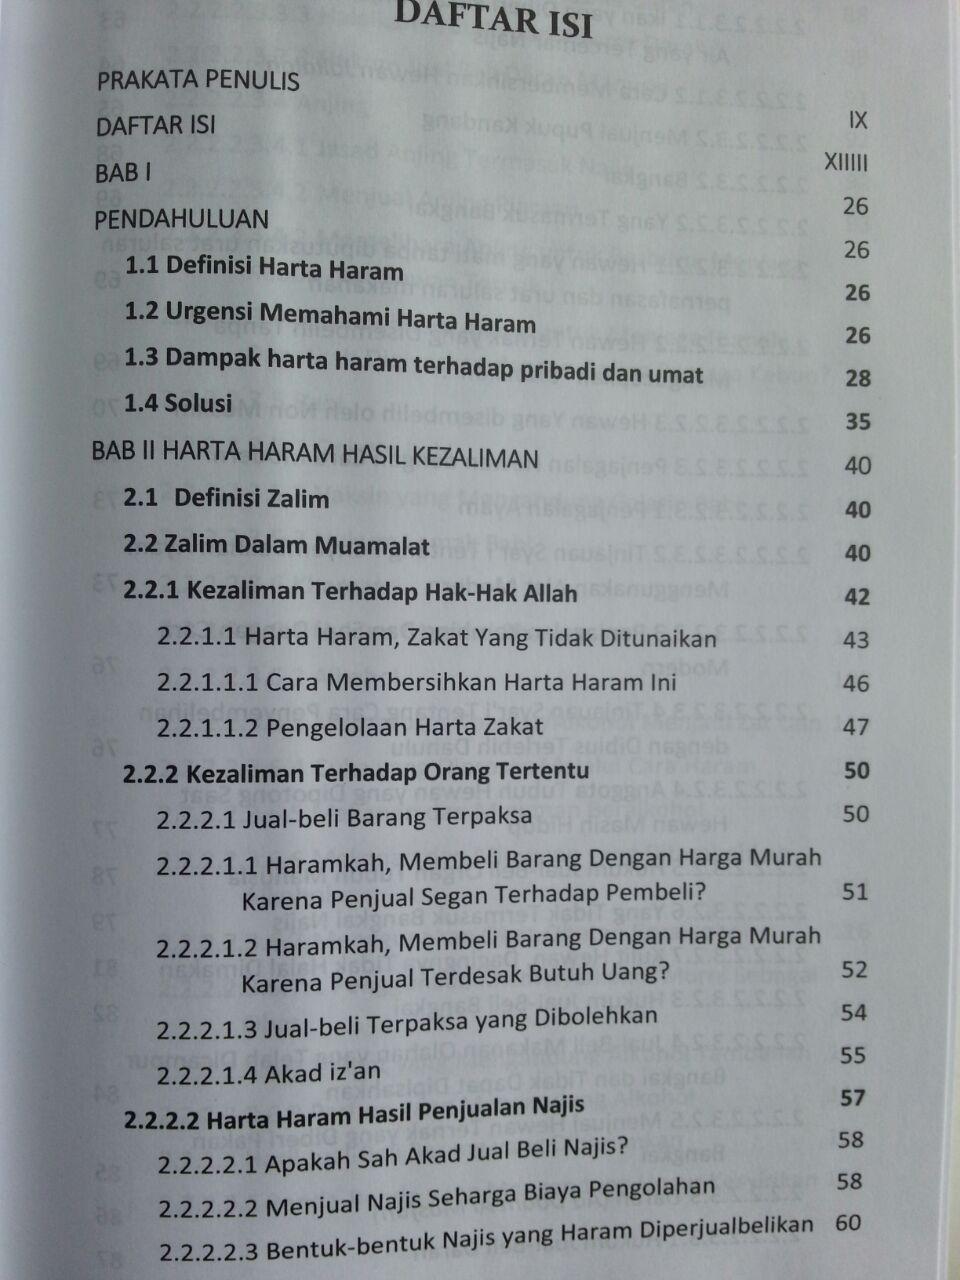 Buku Harta Haram Muamalat Kontemporer new isi